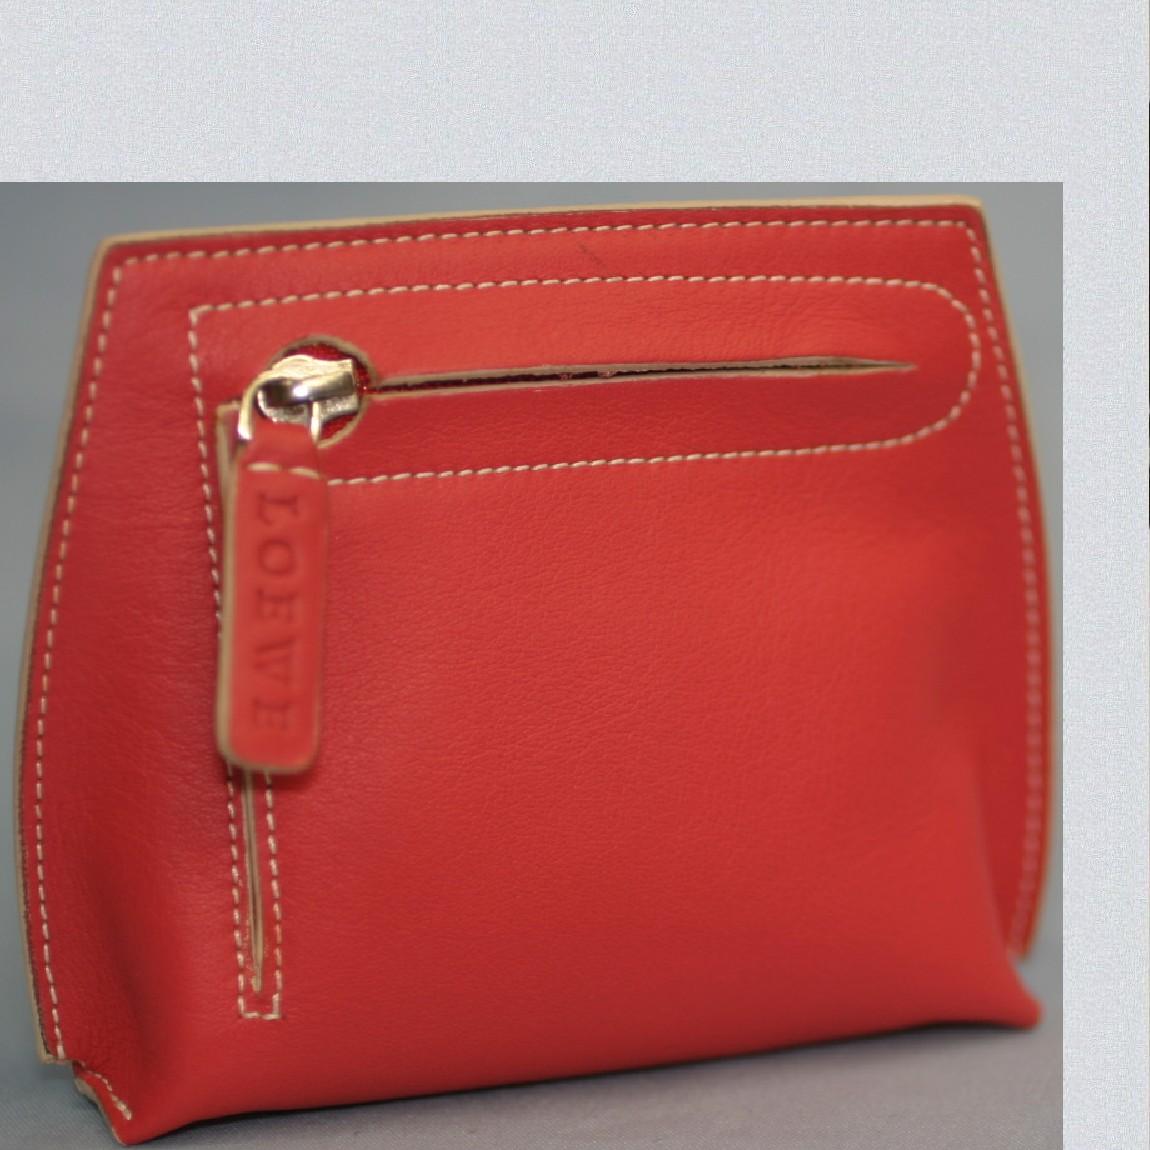 【中古】本物新品未使用ロエベ女性用エンジ色柔らかい羊革素材10,6x8,8x3センチコインケースプレゼントに最適